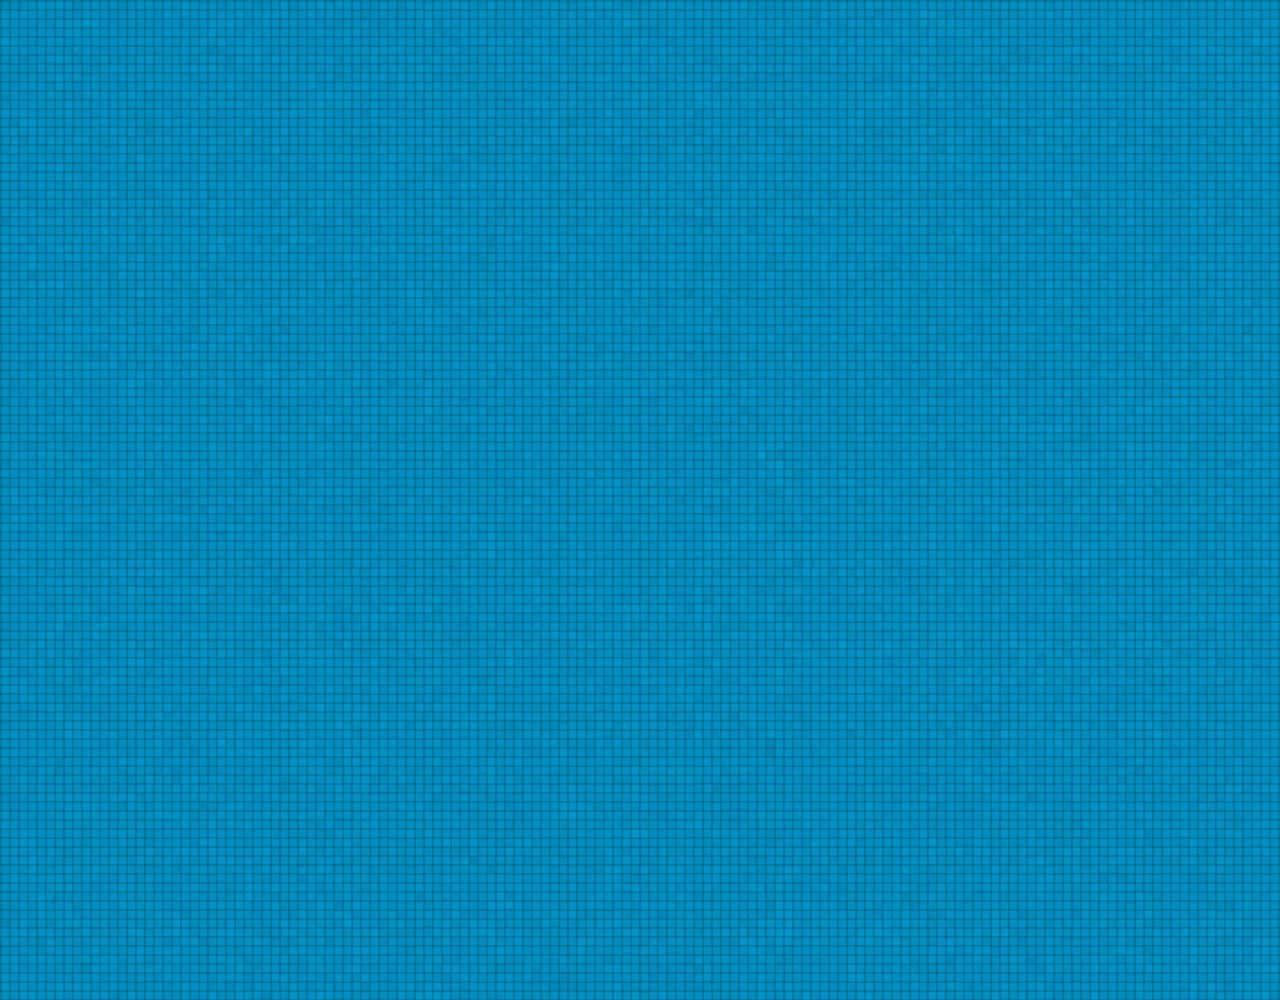 20 Simple Plain Backgrounds amp Premium Creatives 1280x1000